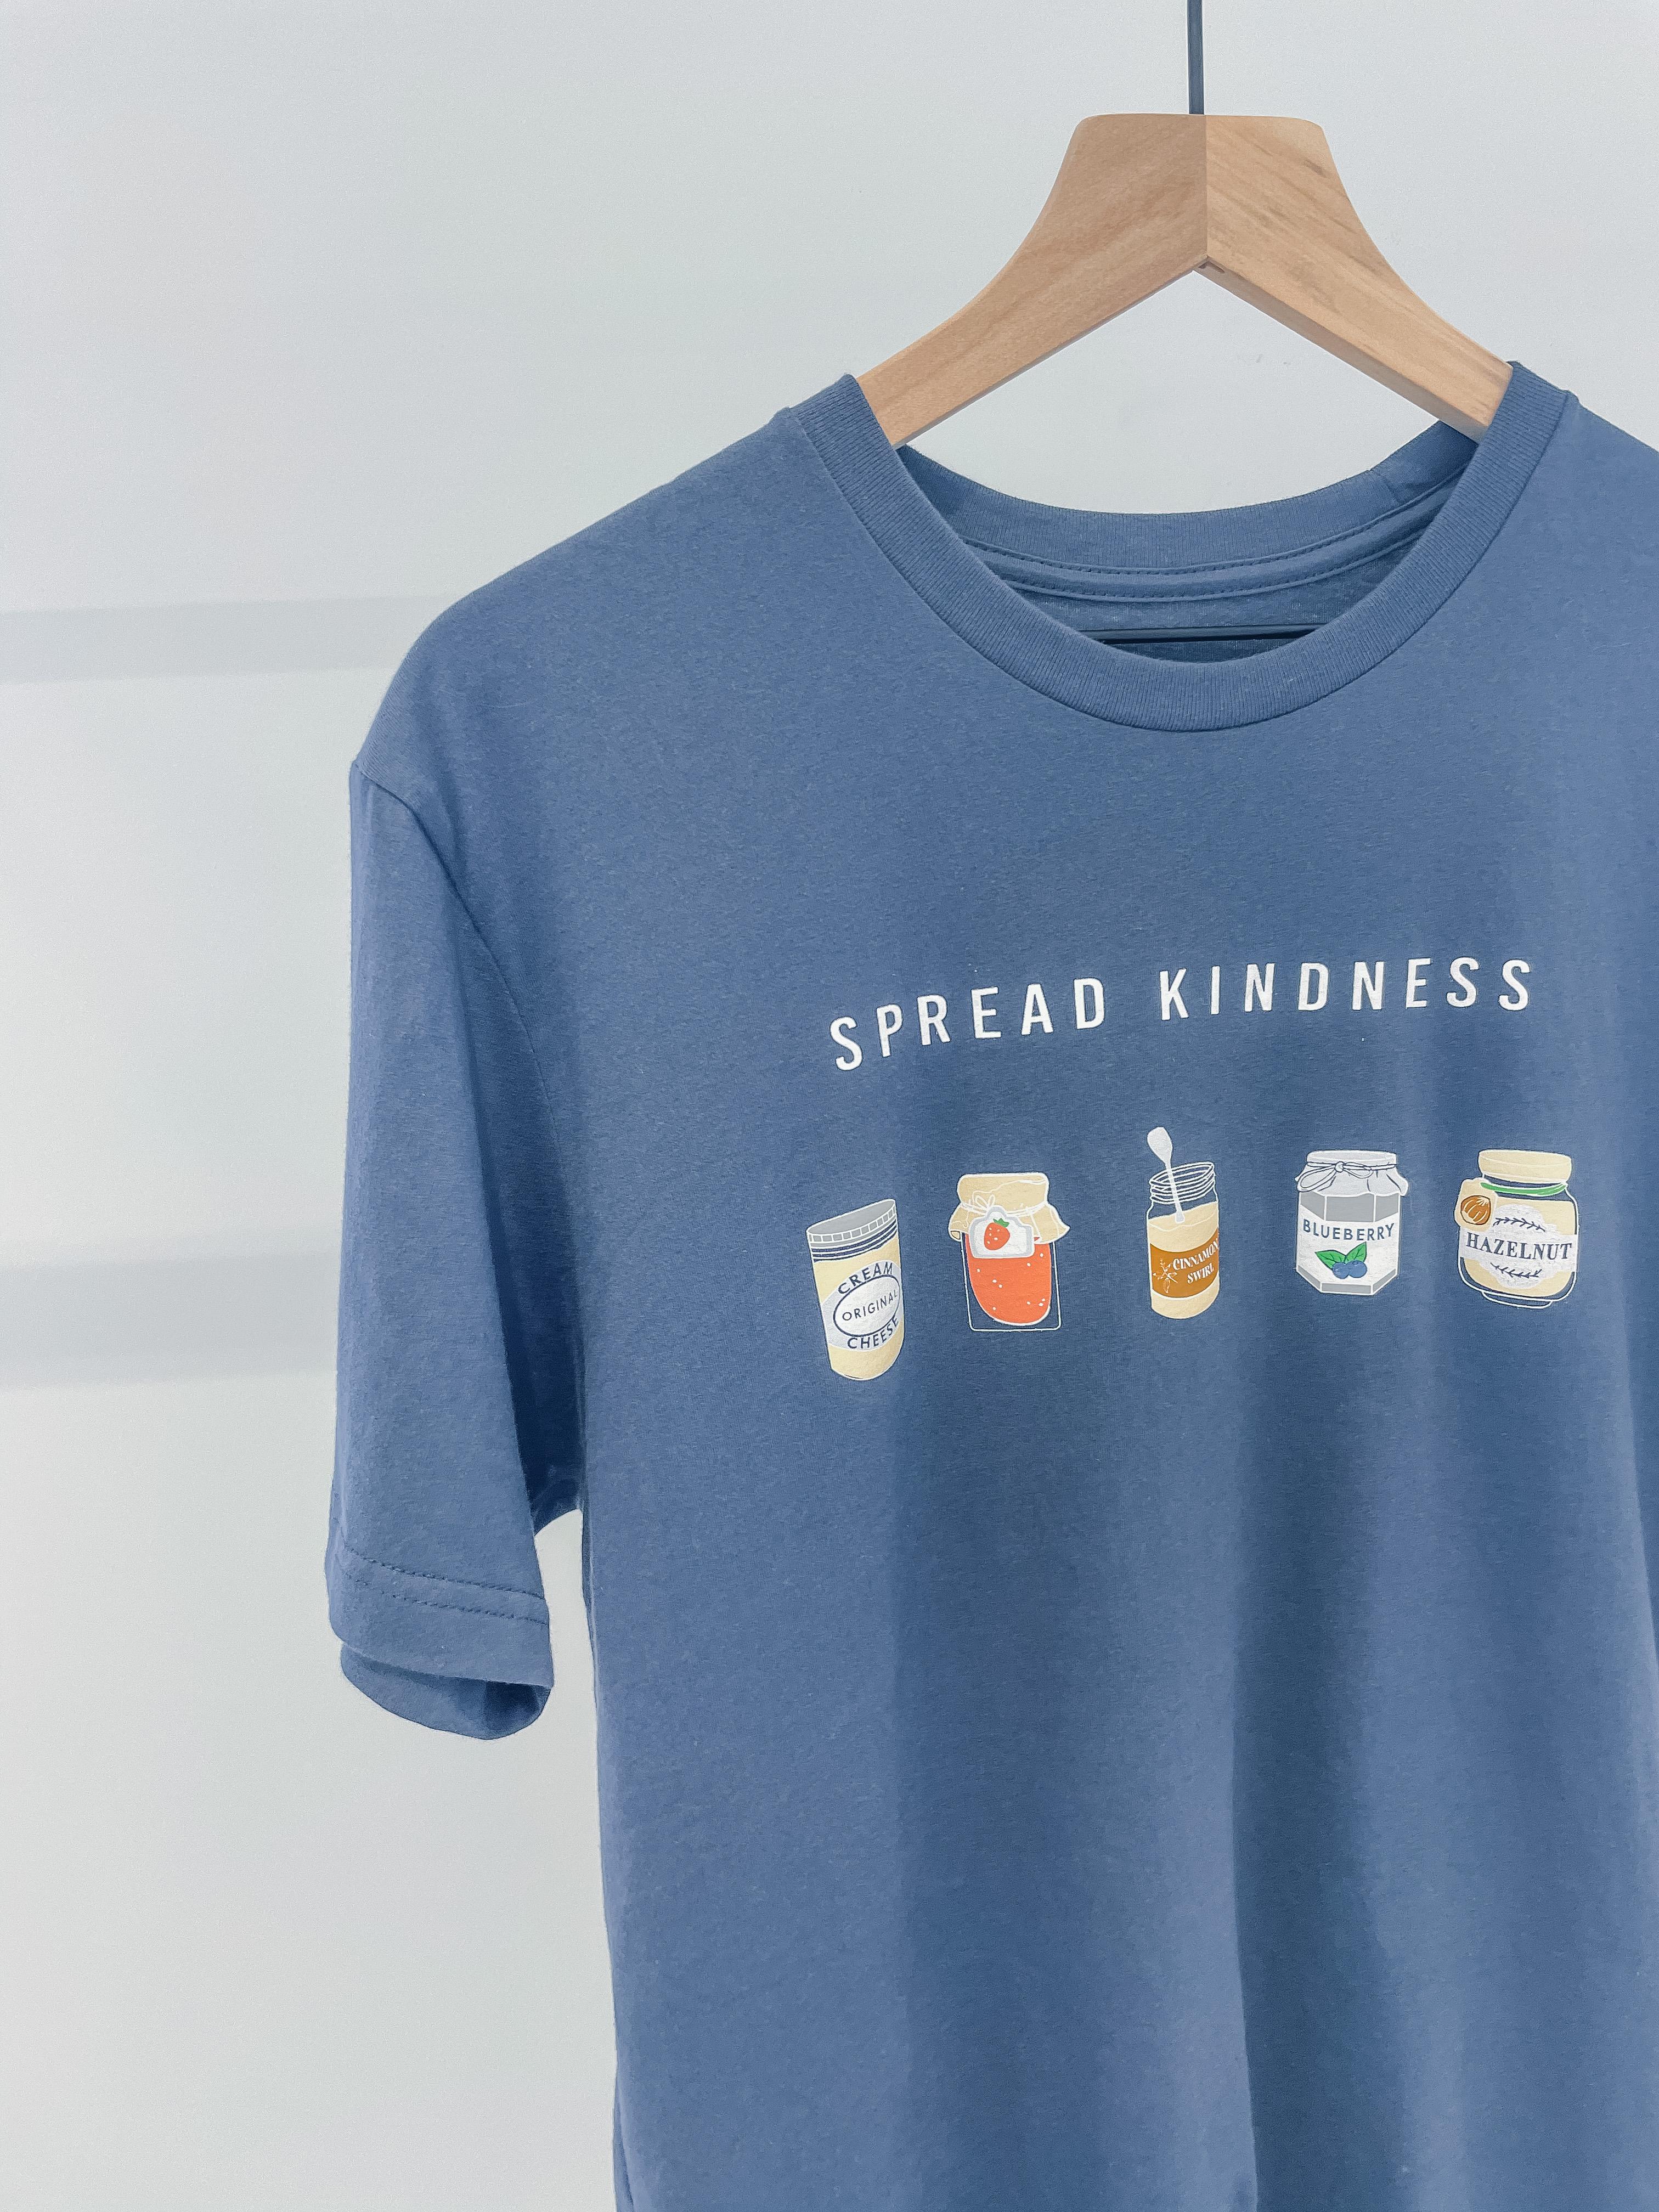 Spread Kindness T-Shirt